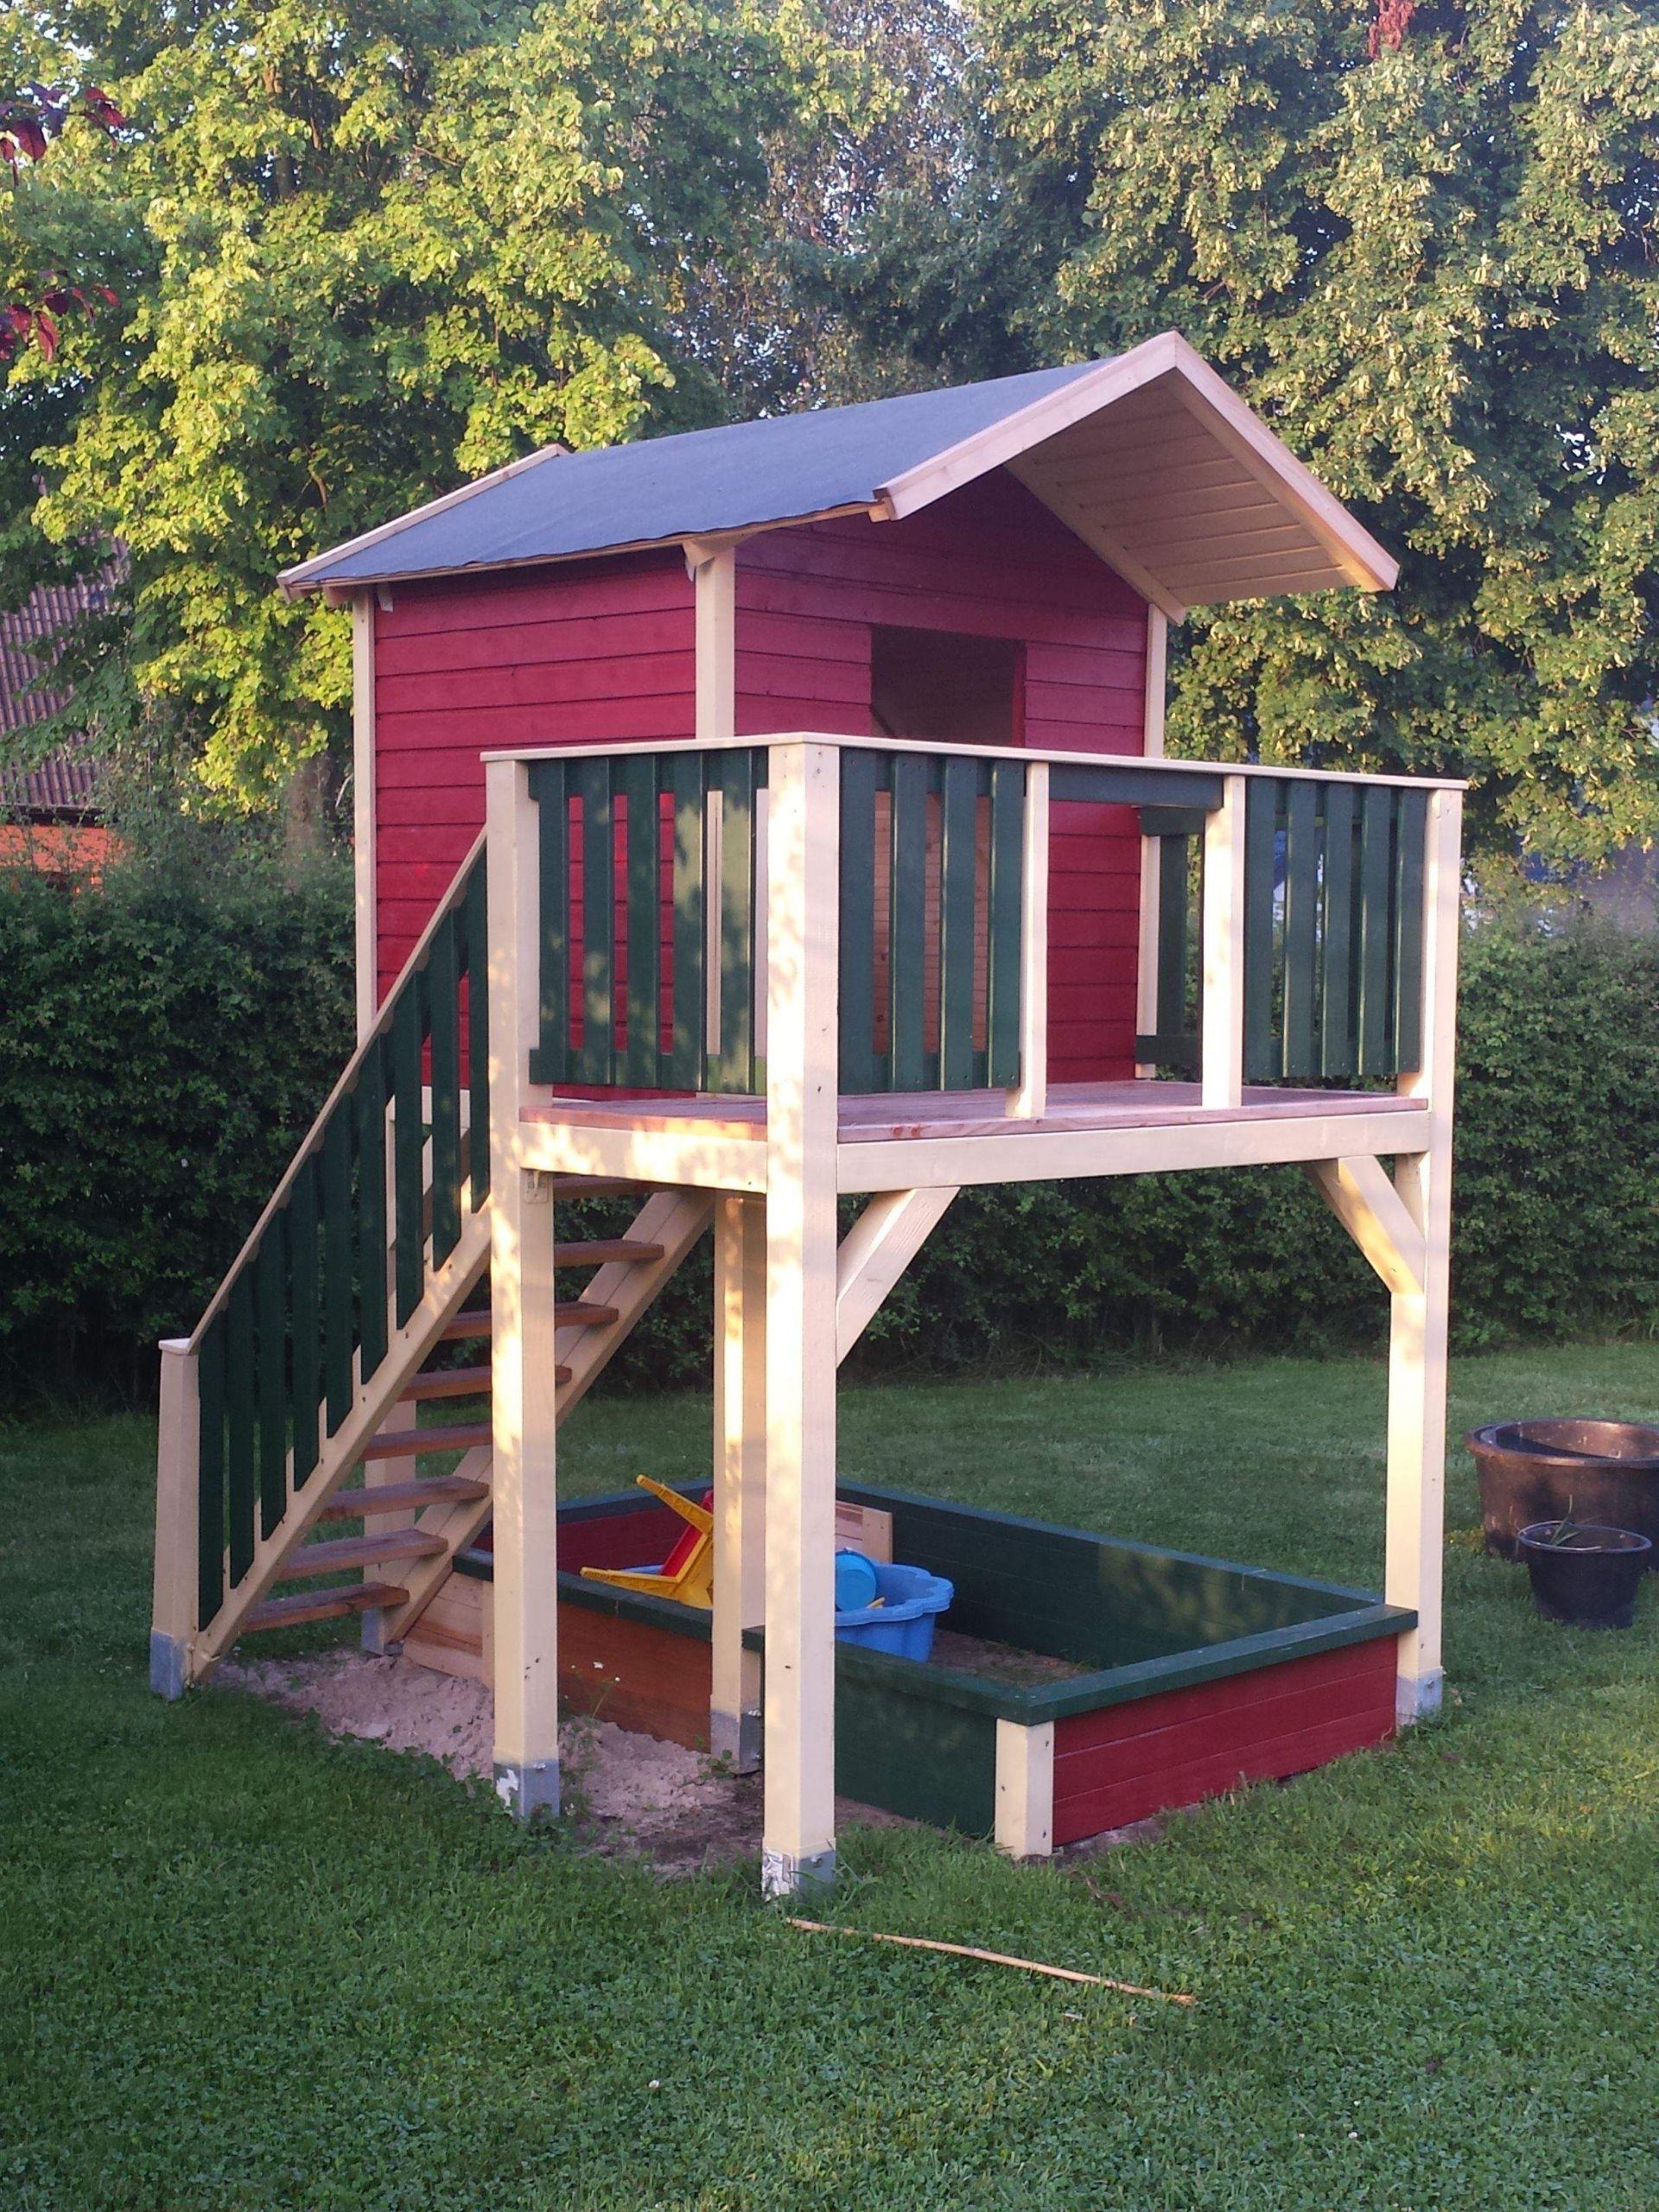 Spielplatz Garten Inspirierend Spielturm Mit Treppe Bauanleitung Zum Selber Bauen